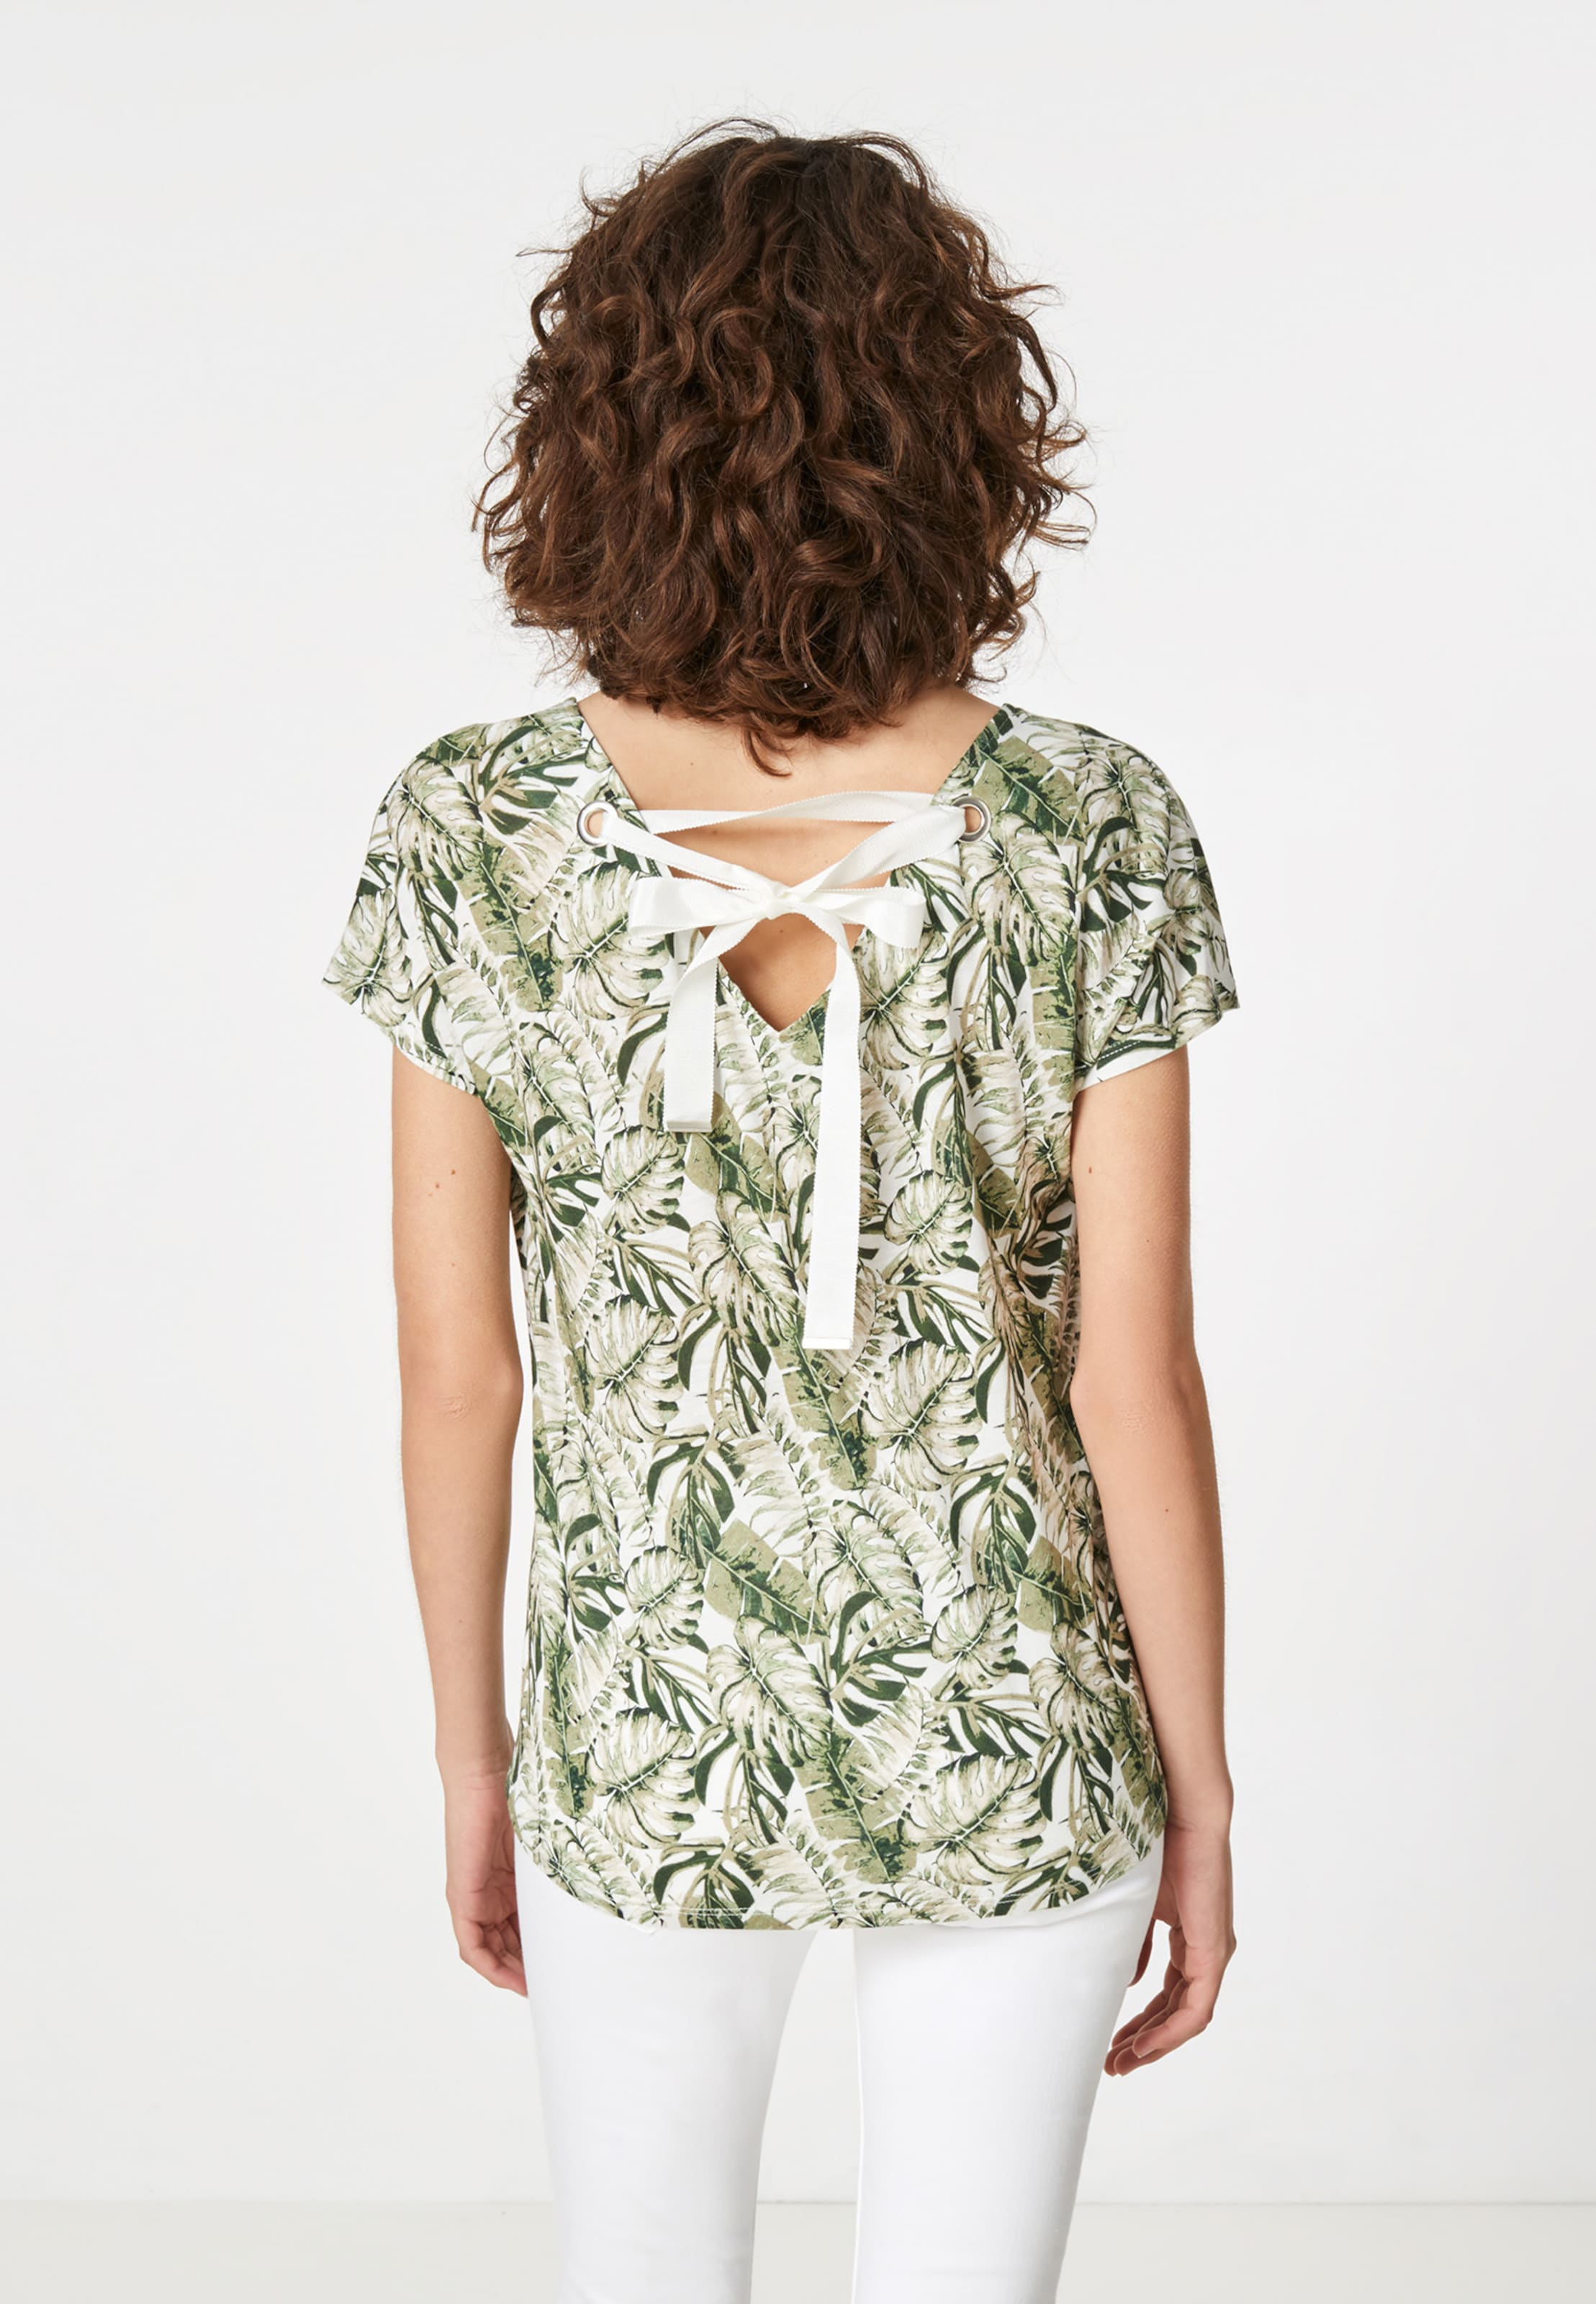 GrasgrünNaturweiß shirt Hallhuber Hallhuber shirt shirt Hallhuber V V In V GrasgrünNaturweiß In qzMSVGUp